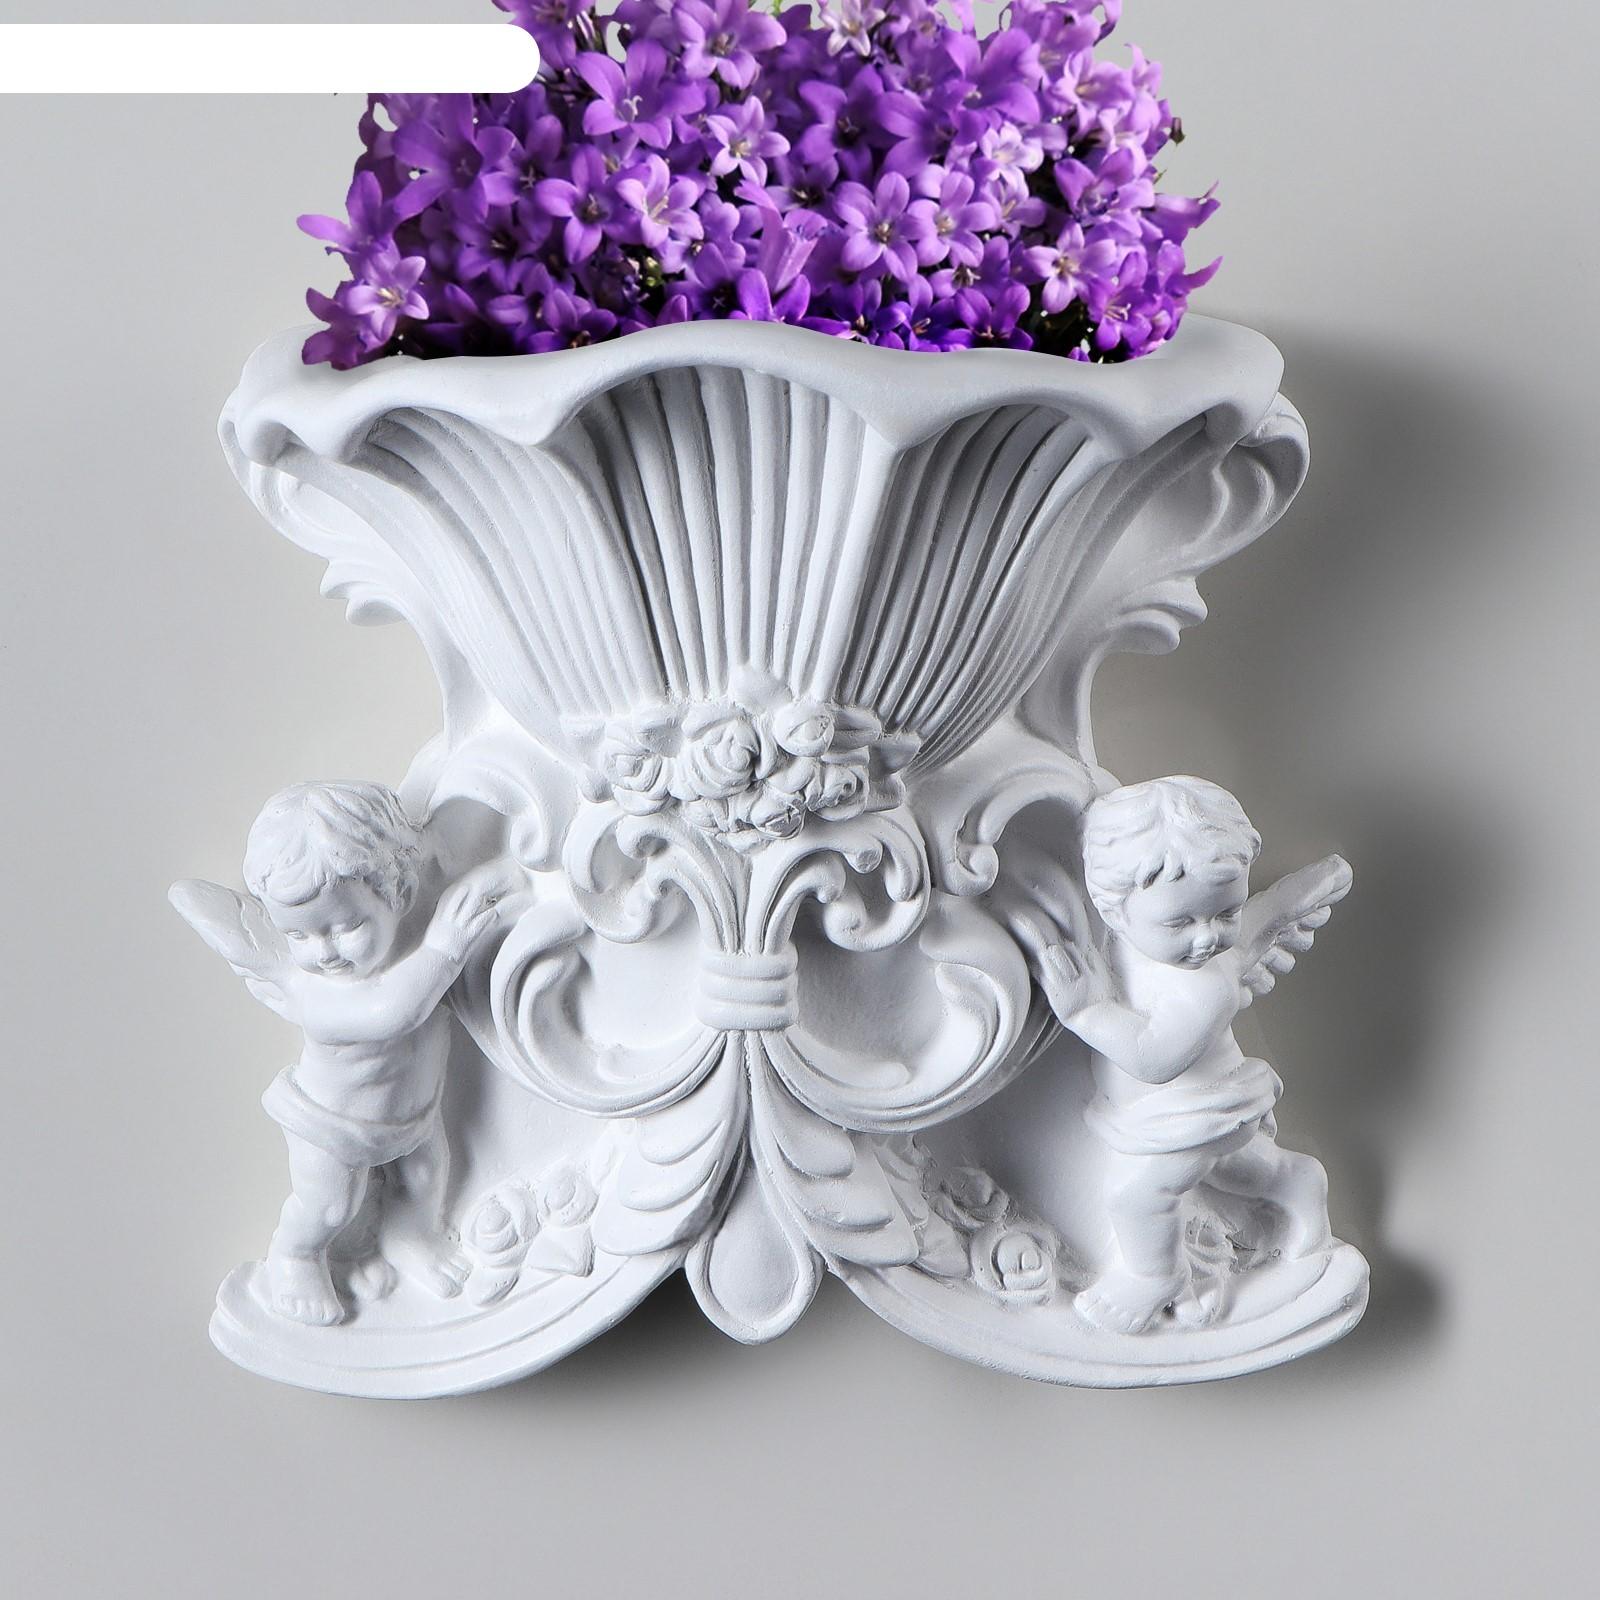 Декоративное кашпо ангел №8 белый (4145845) купить в ... Пила Ловушка Ангел